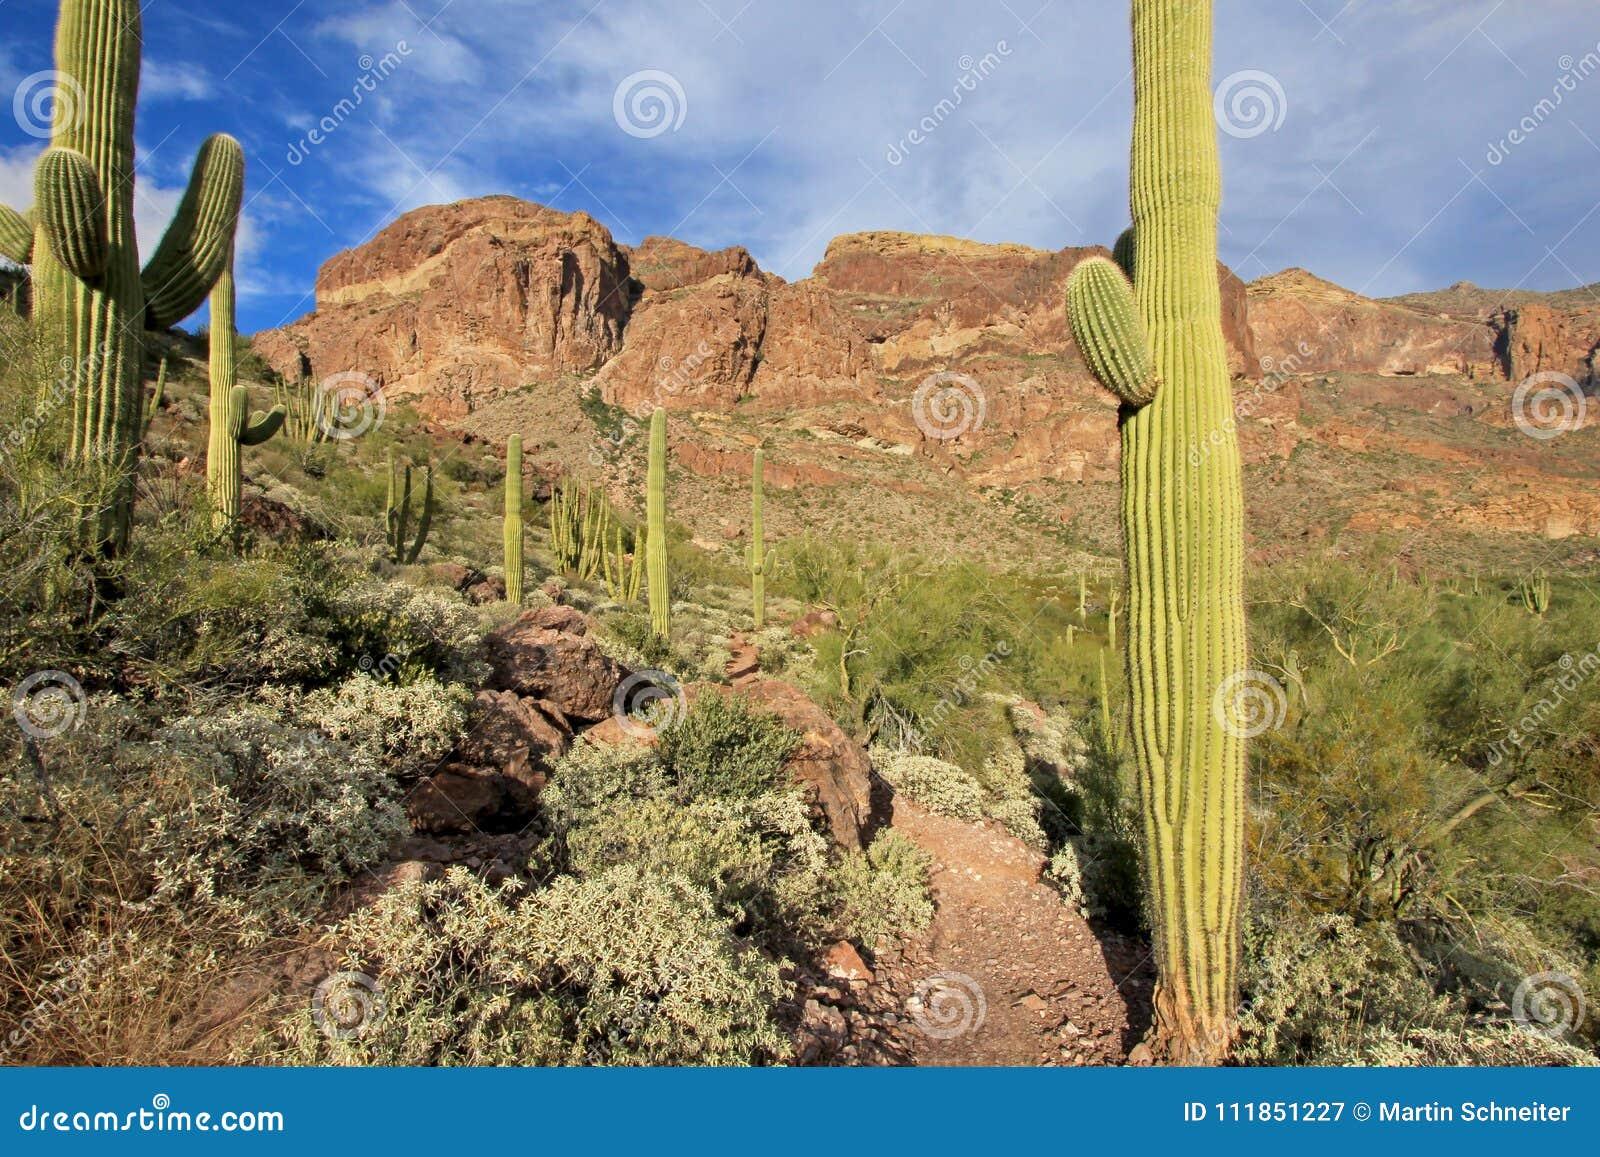 Organowej drymby i Saguaro kaktusy w Organowej drymby Kaktusowym Krajowym zabytku, Arizona, usa